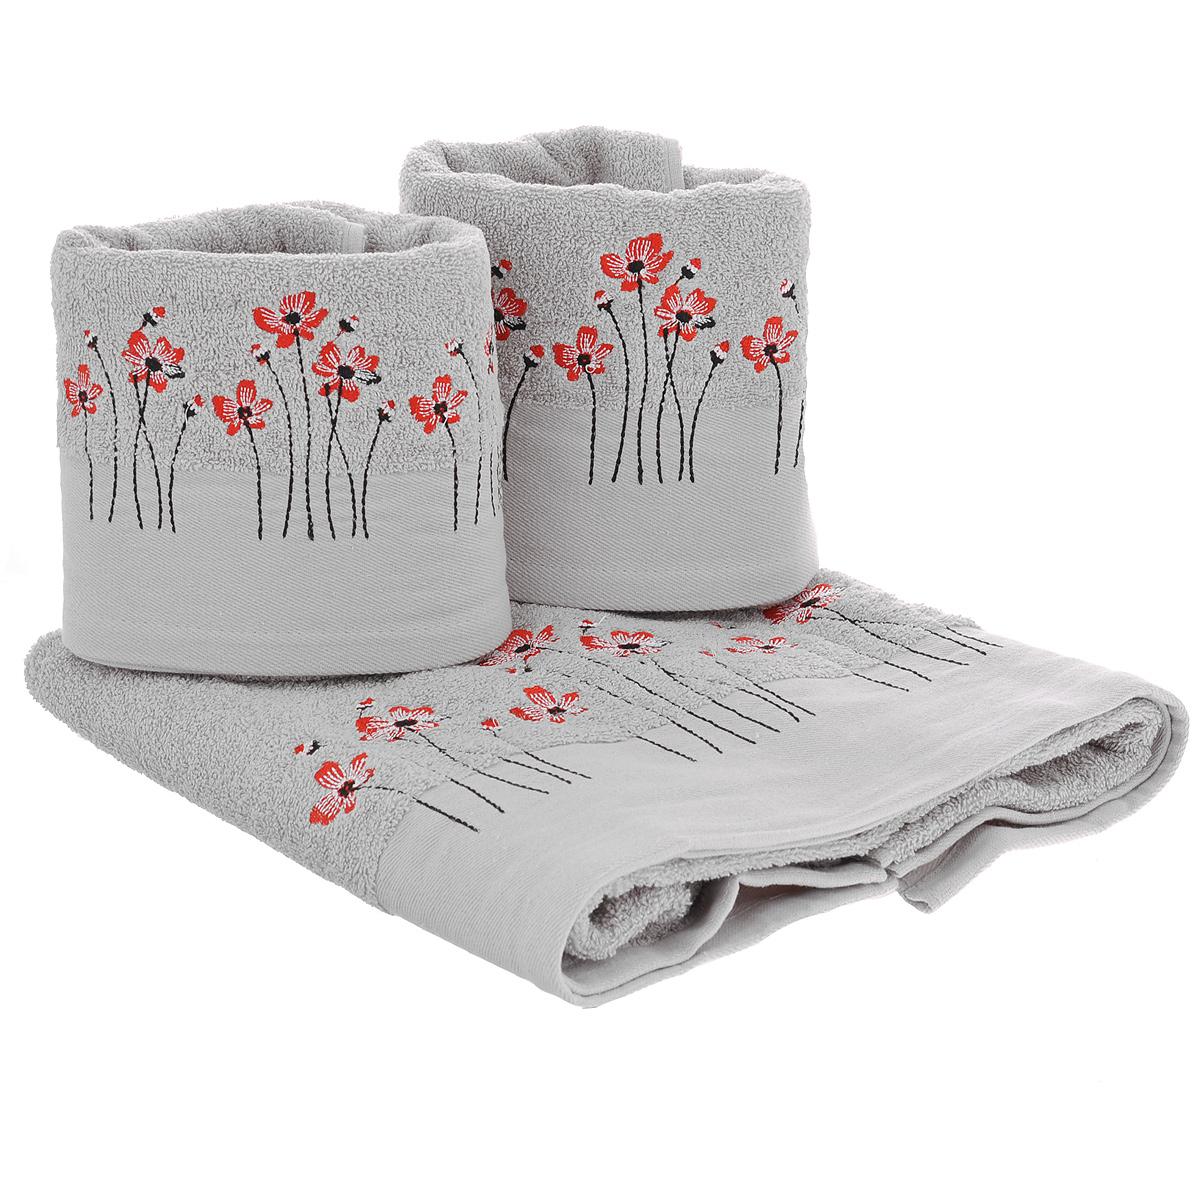 Набор махровых полотенец Красные цветы, цвет: серый, 3 шт1004900000360Набор Красные цветы состоит из трех полотенец разного размера, выполненных из натуральной махровой ткани. Полотенца украшены изящной вышивкой в виде цветов. Мягкие и уютные, они прекрасно впитывают влагу и легко стираются. Такой набор подарит массу положительных эмоций и приятных ощущений.Рекомендации по уходу: - не следует стирать вместе с изделиями из полиэстра или другого синтетического материала,- стирать при температуре 40-50°С, - химчистка запрещена, - не рекомендуется отбеливать, - сушить в деликатном режиме. Размер полотенец: 50 см х 90 см (2 шт), 70 см х 140 см (1 шт).